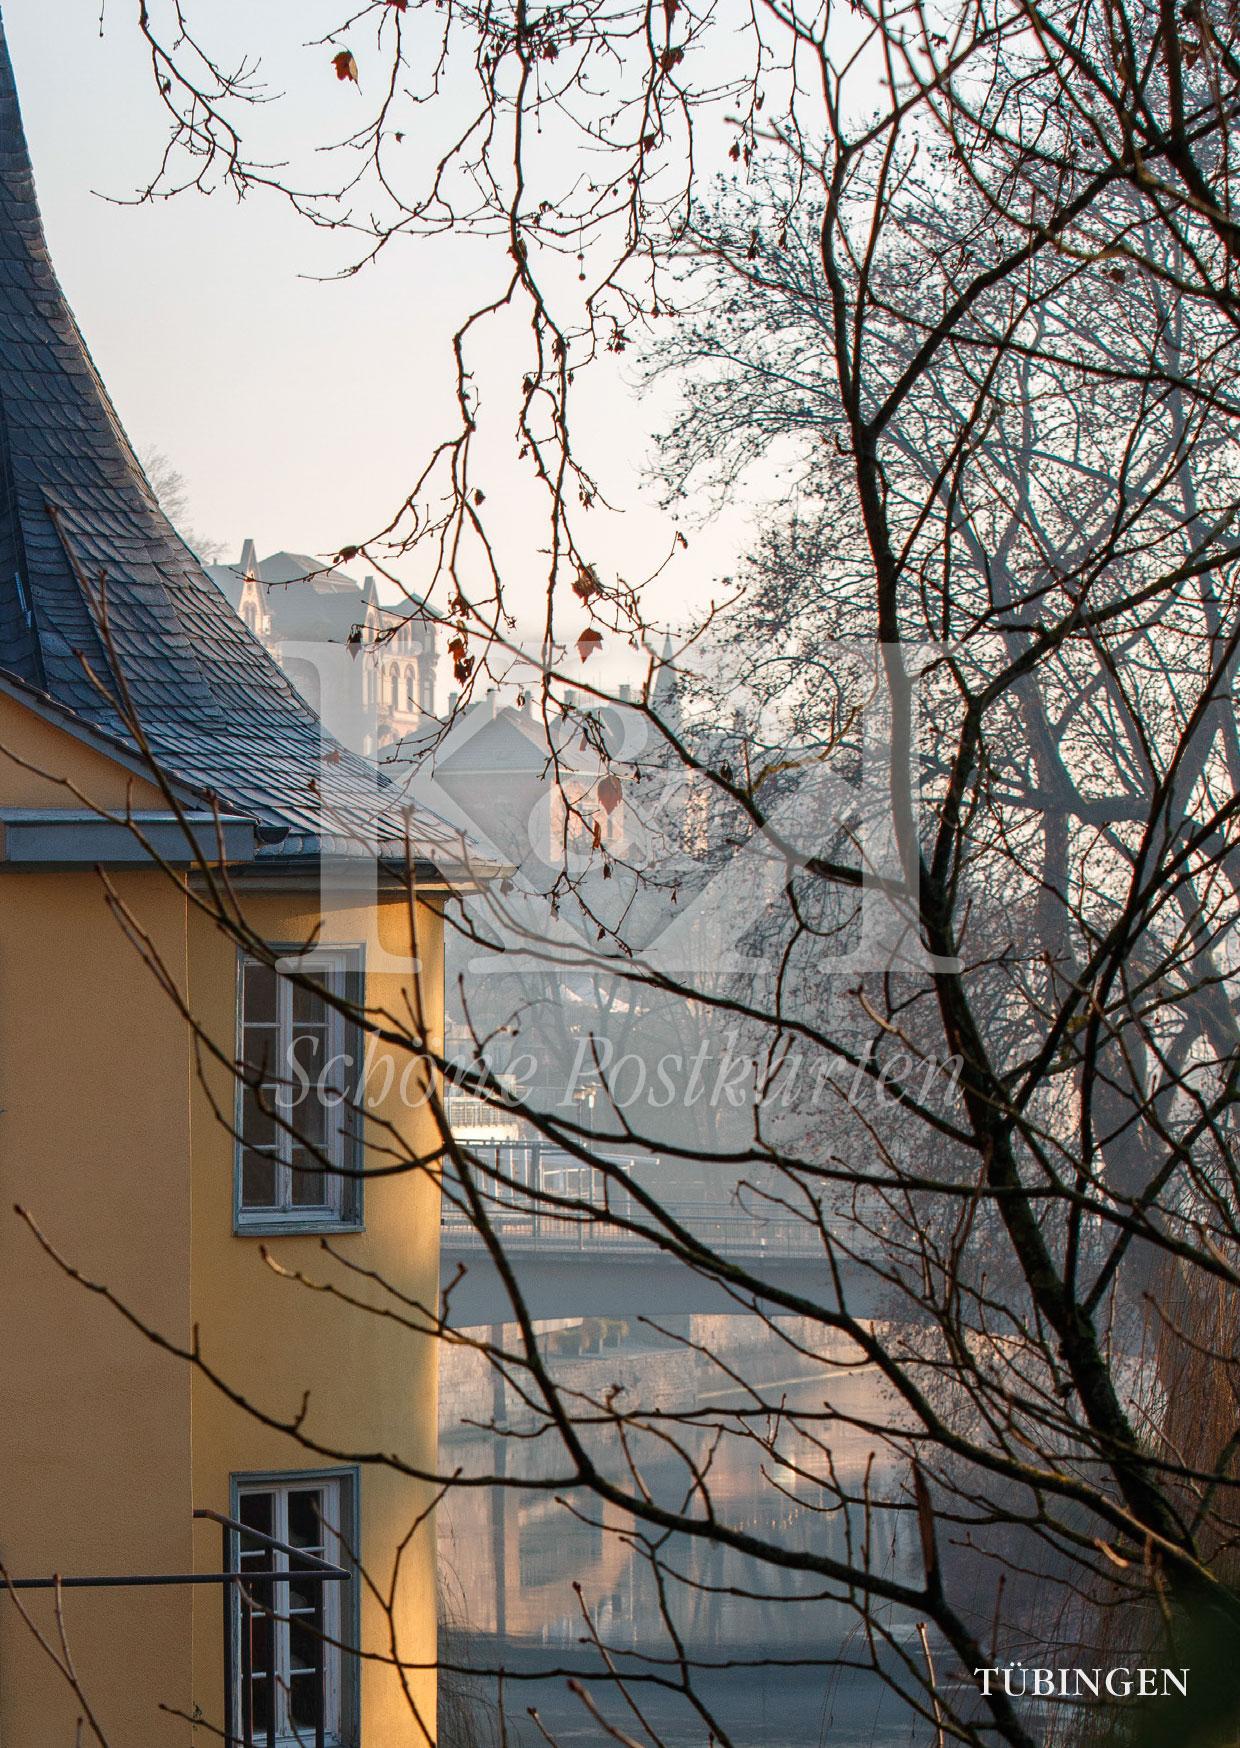 Schöne Postkarten Nr. 213 · Hölderlinturm an einem sonnigen Wintermorgen © 2018